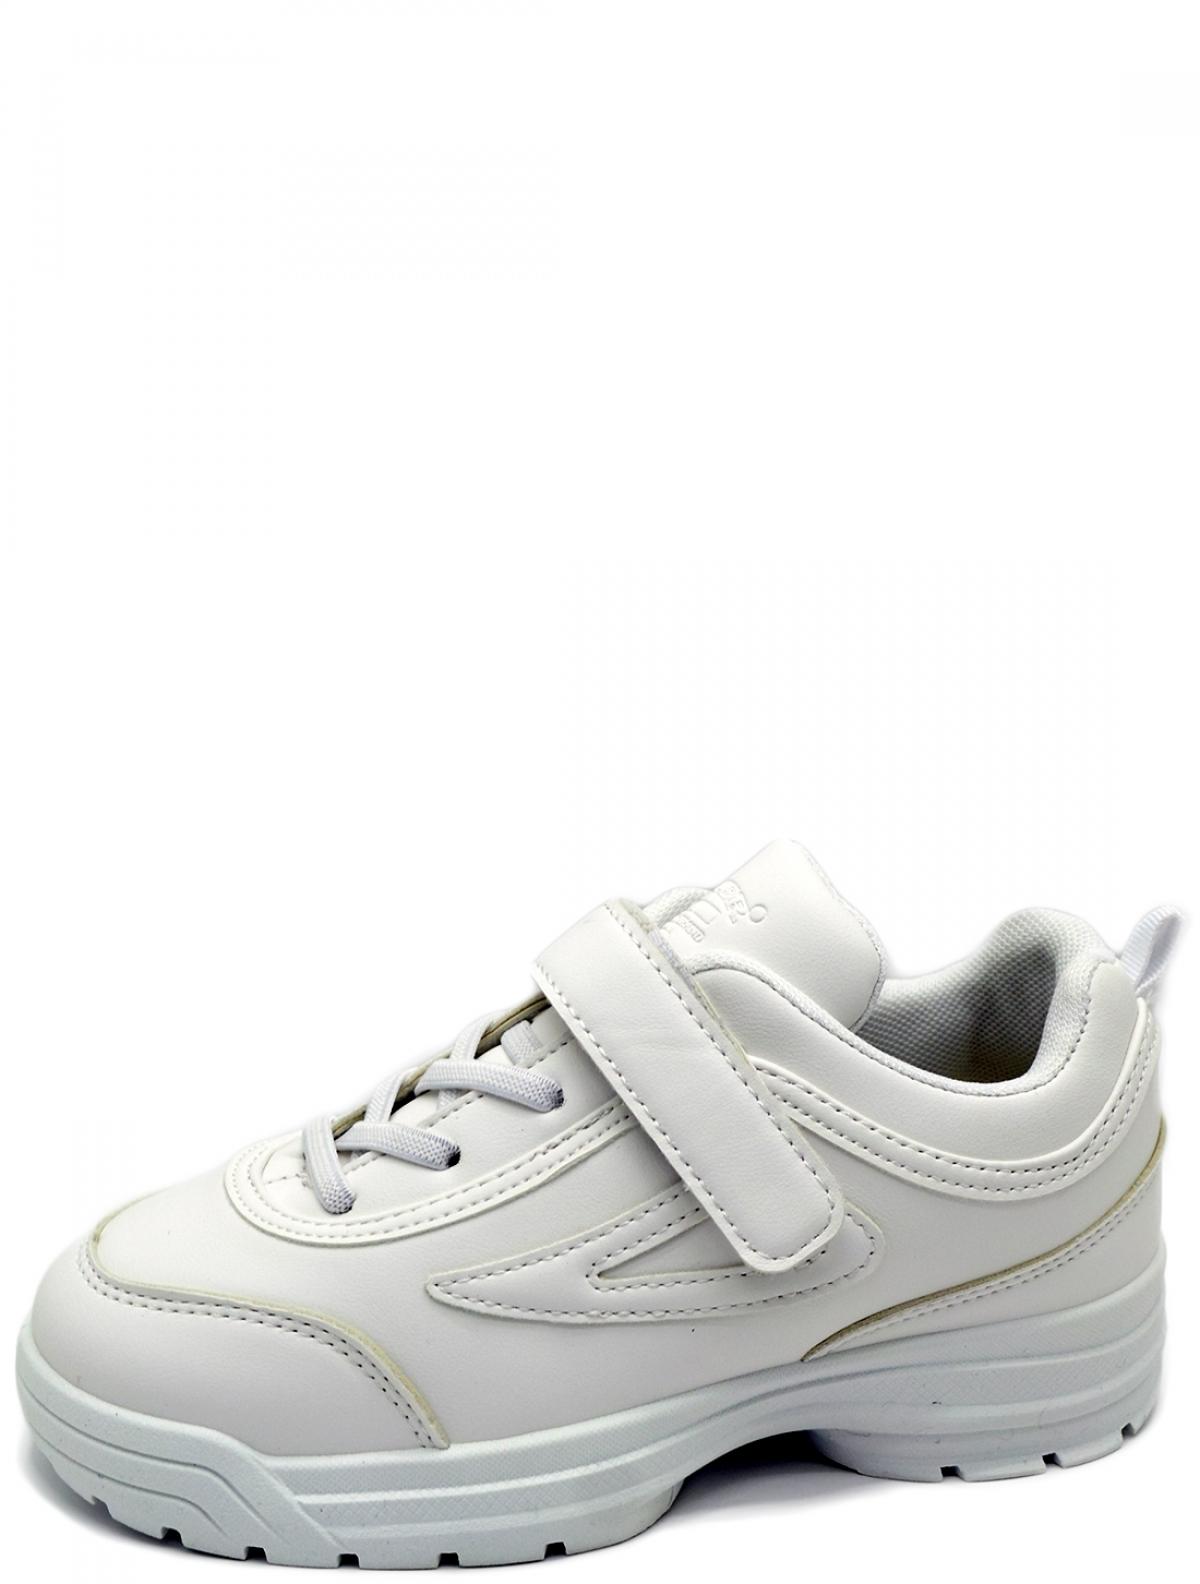 Soter 18519-7 детские кроссовки